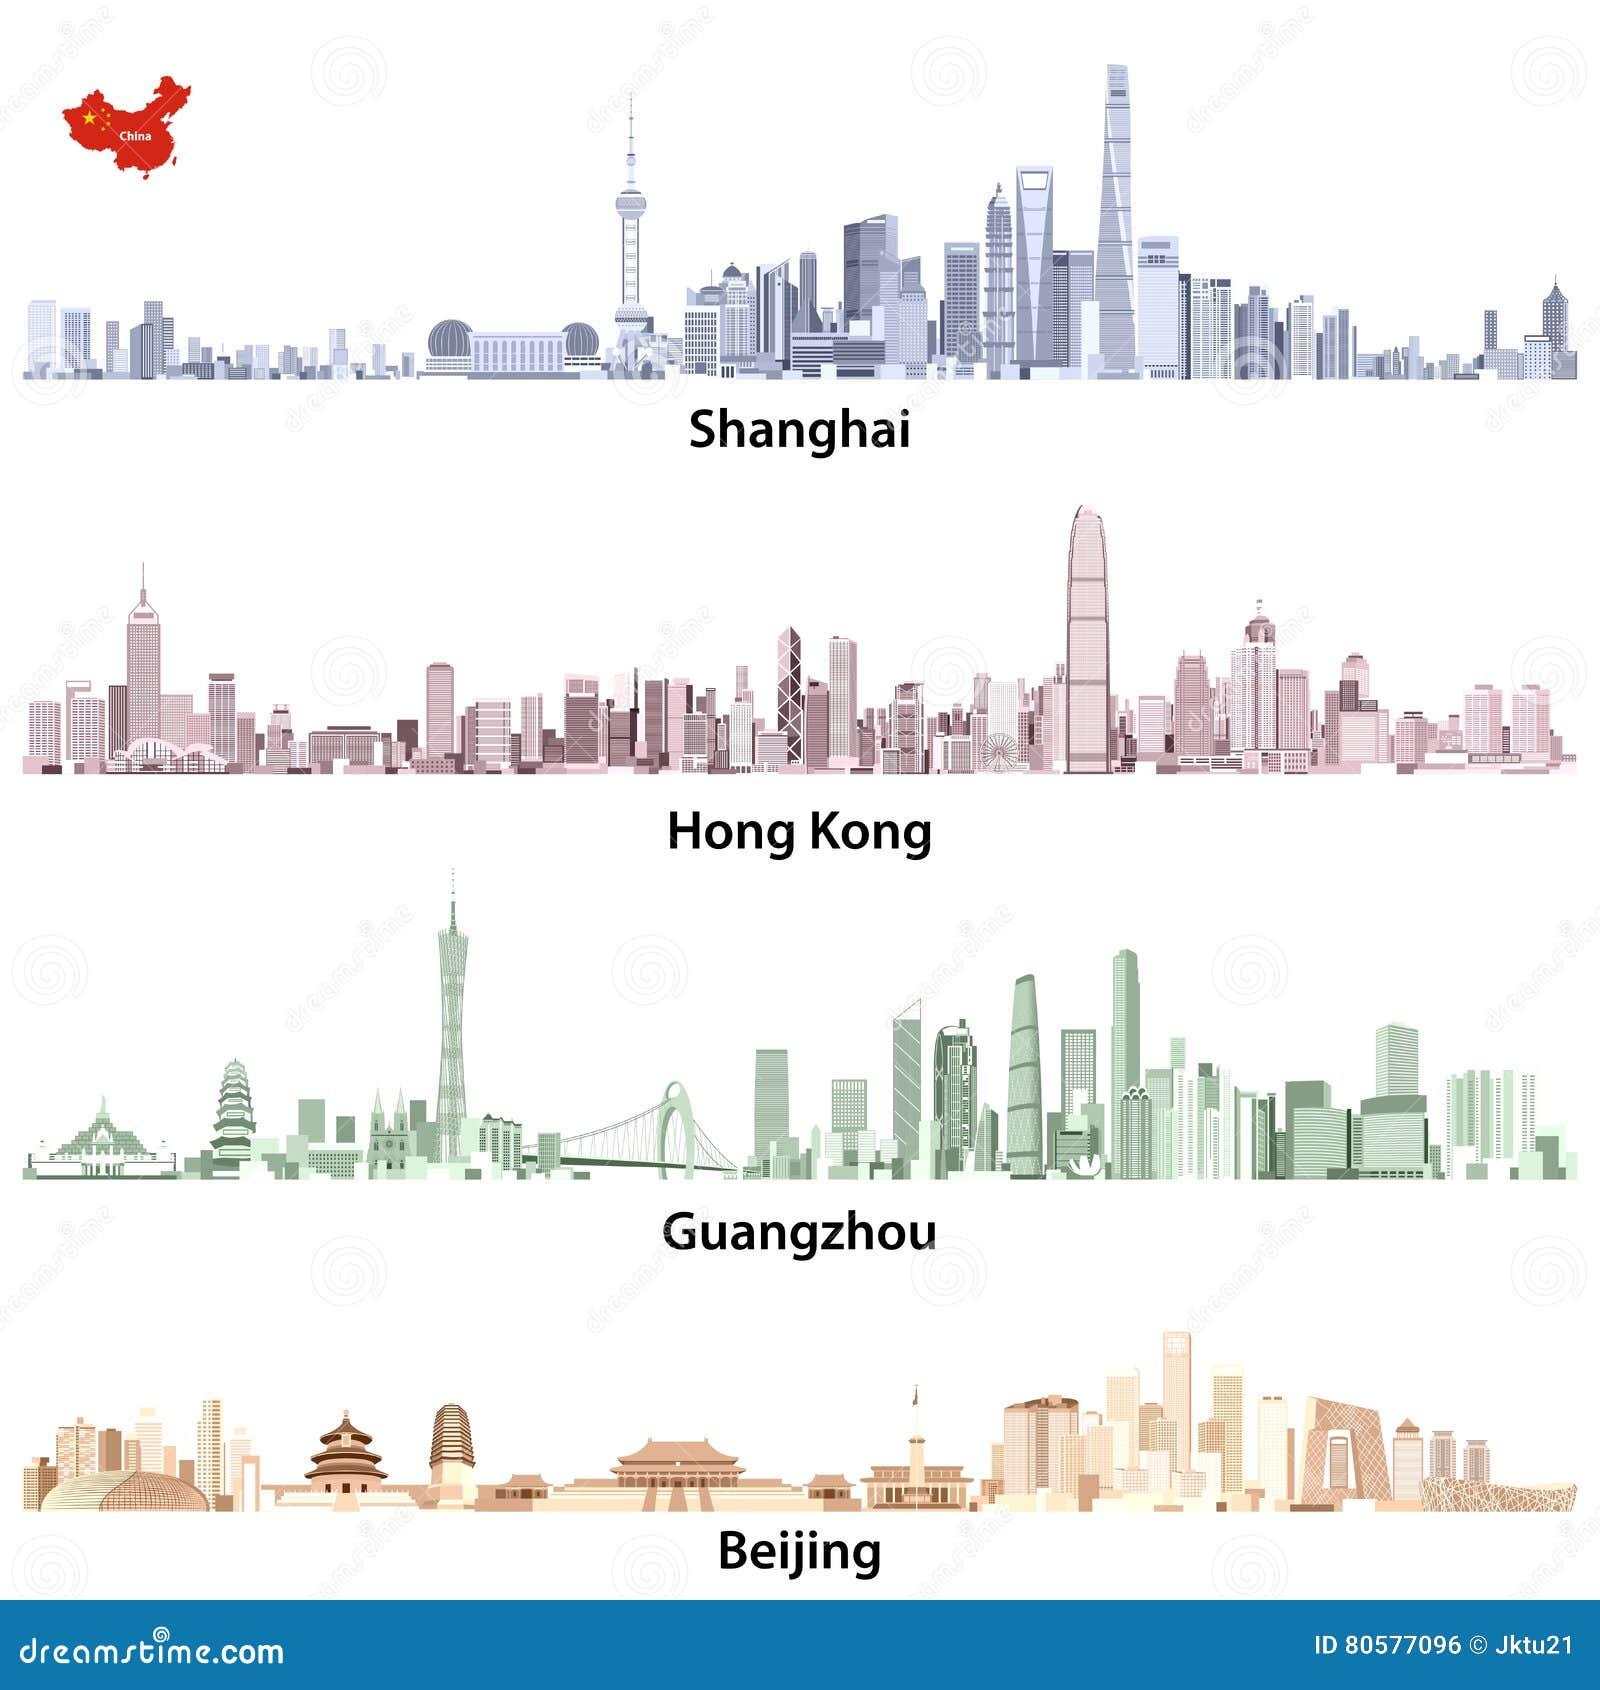 Abstract Vector Illustrations Of Shanghai, Hong Kong ...